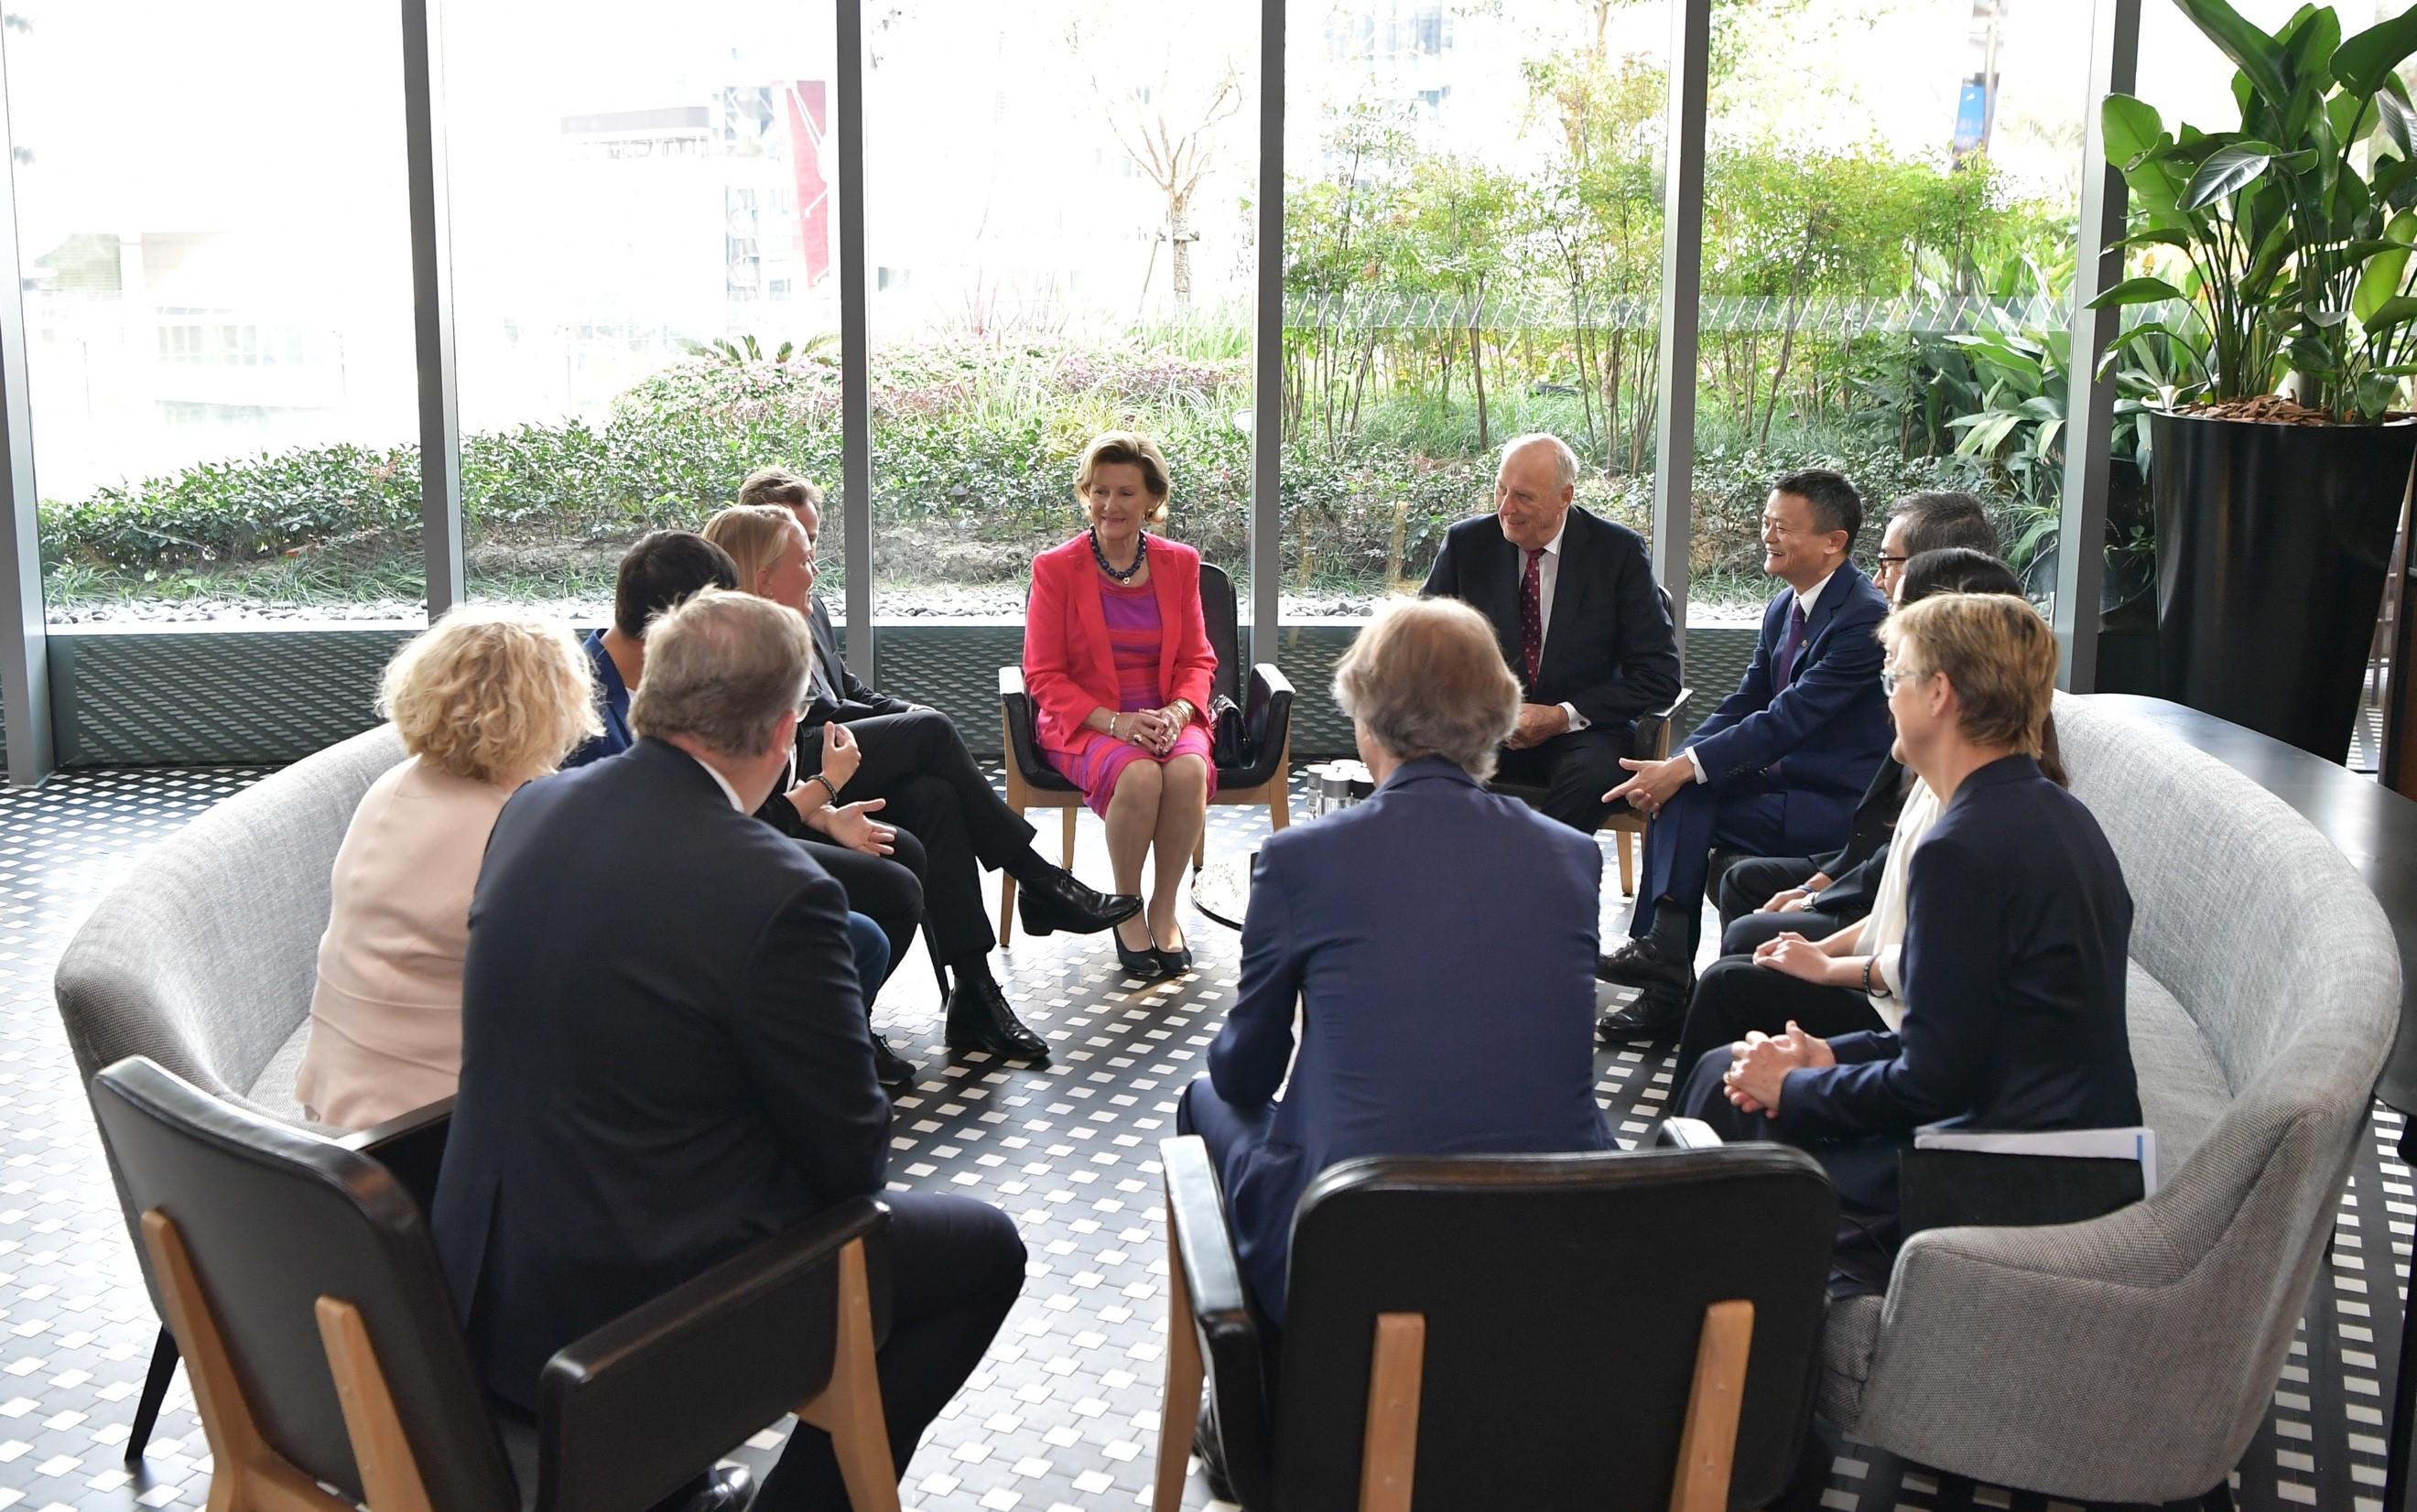 马云对话挪威国王王后:除了引进三文鱼,更要联手保护海洋